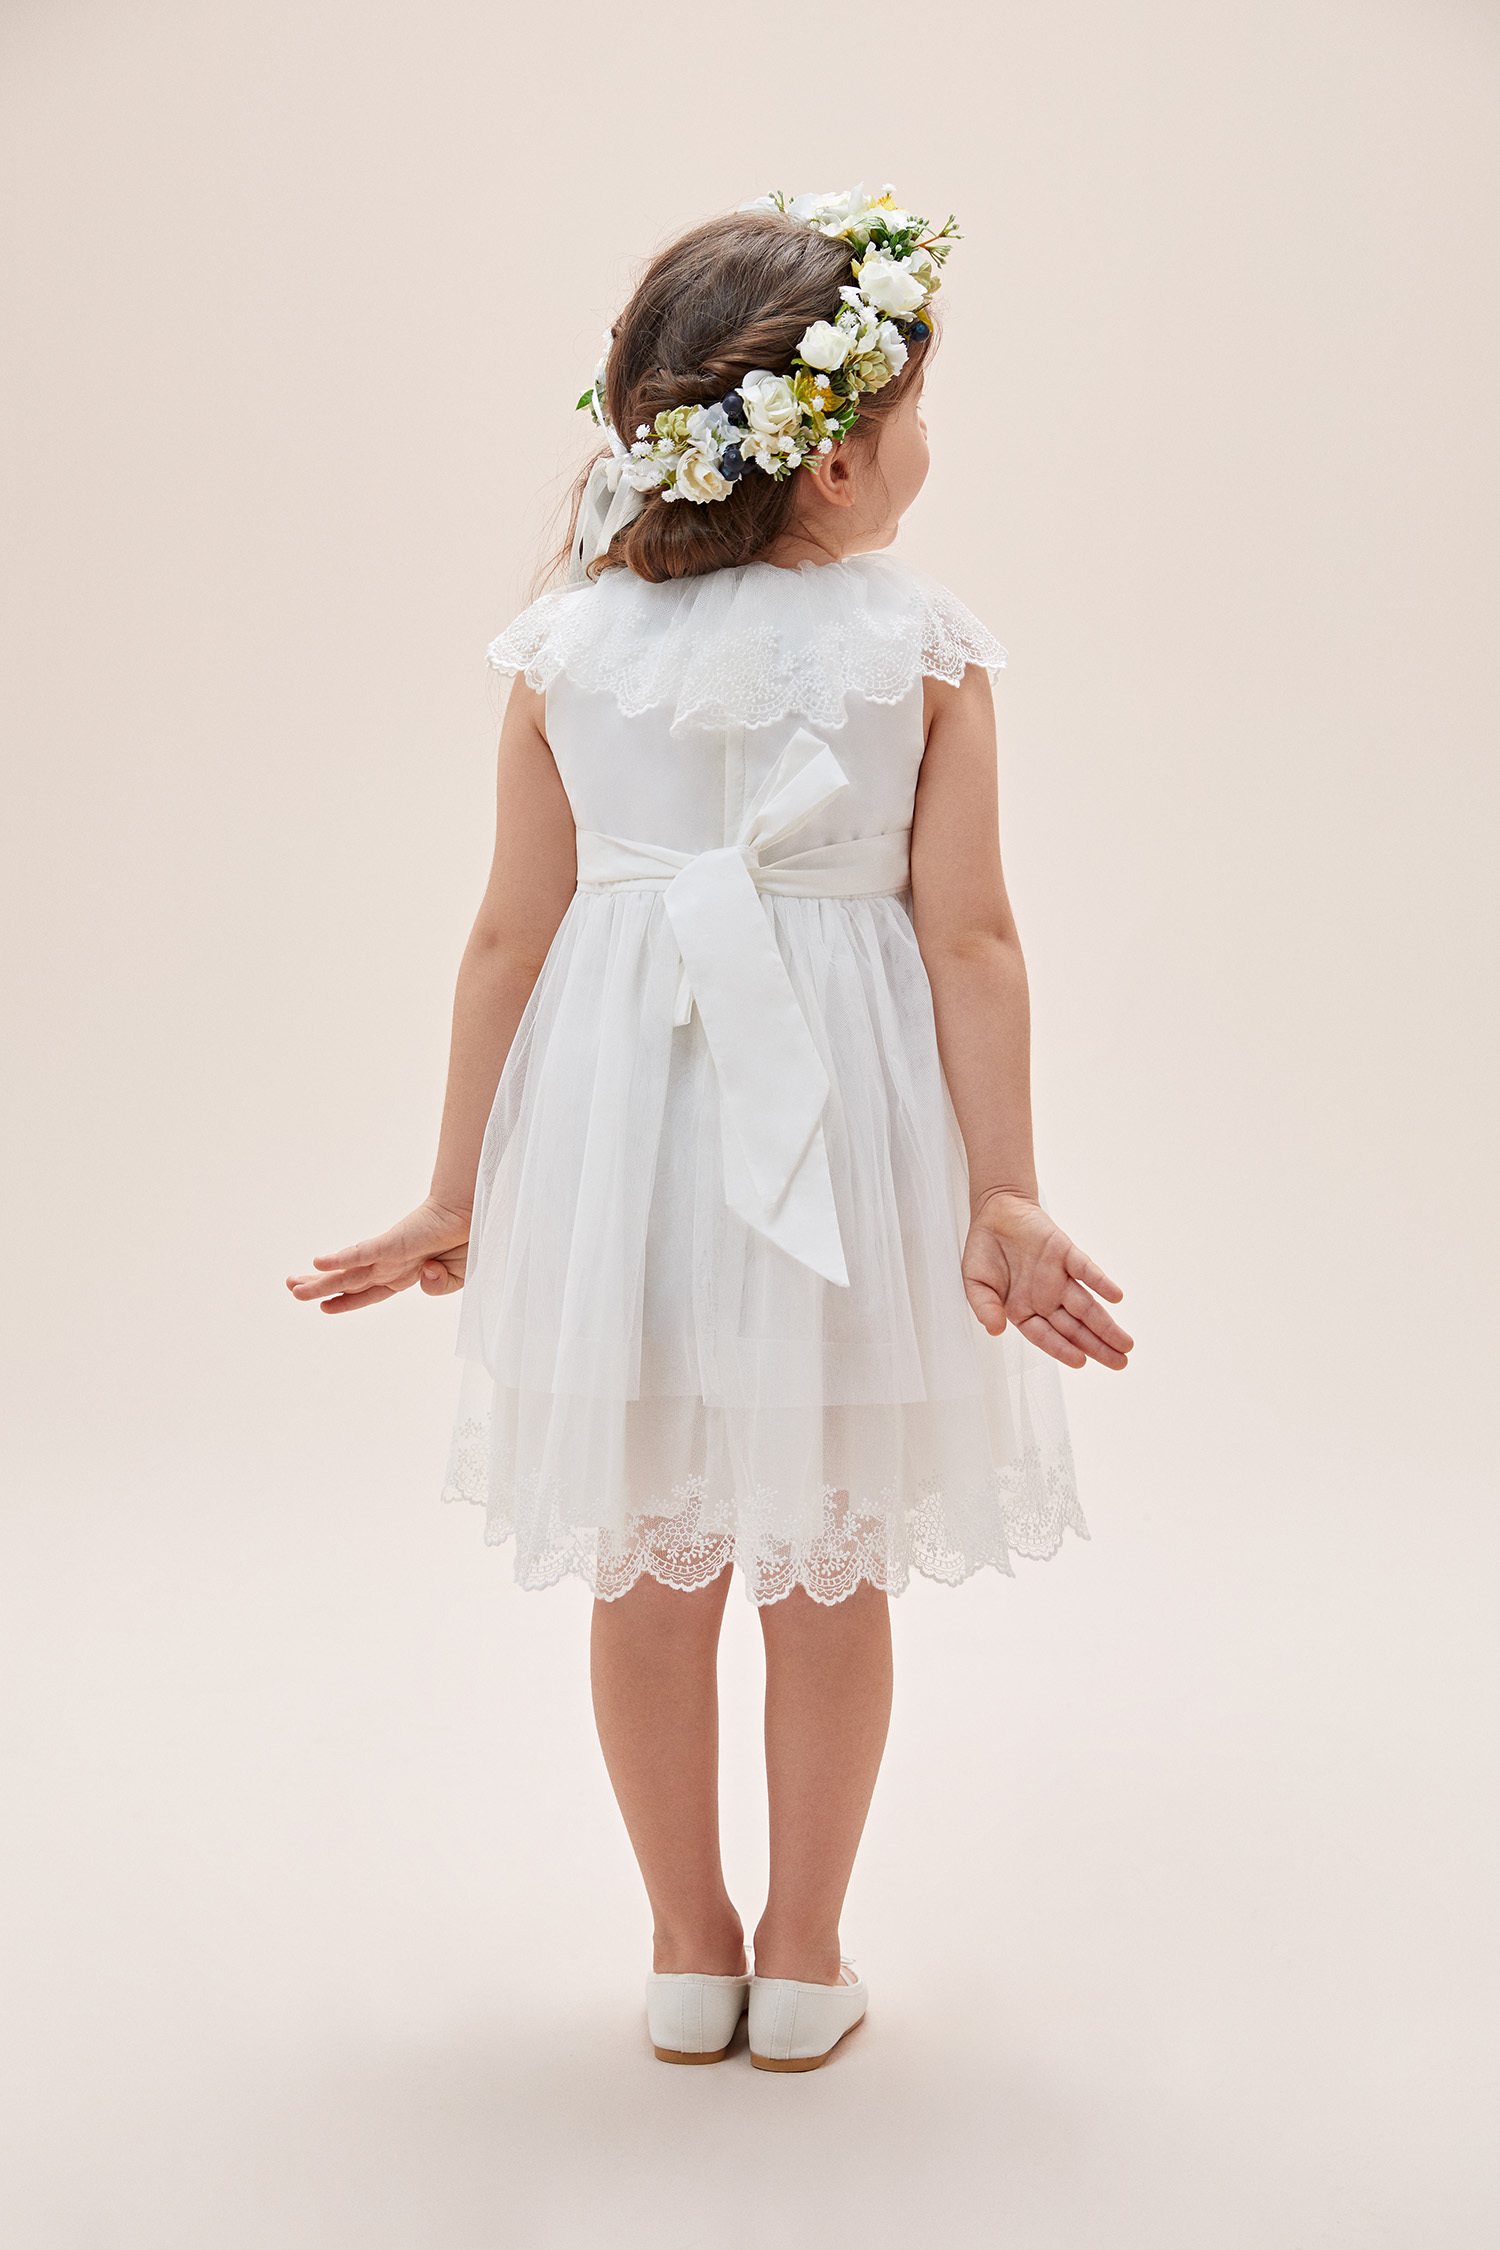 Beyaz Yakası Dantel İşlemeli Çocuk Elbisesi - Thumbnail